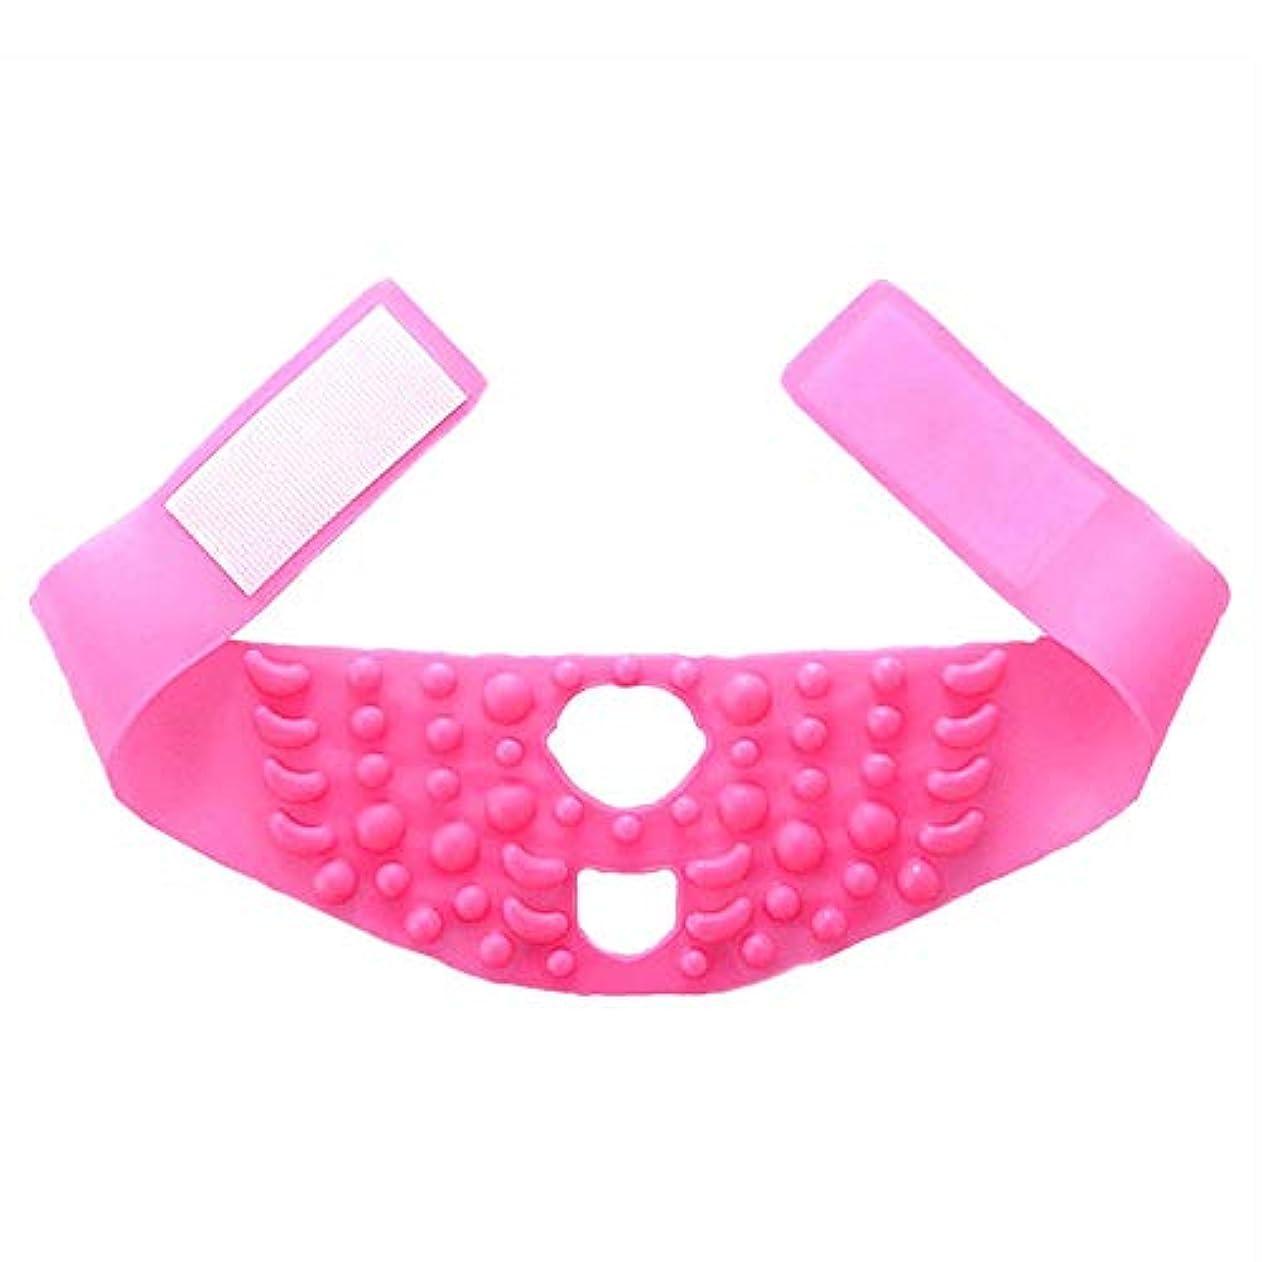 うまくやる()ラベンダー反動飛強強 シンフェイスマスクシリコーンマッサージ引き締まった形の小さなVフェイスリフティングに薄いフェイスアーティファクト包帯を飾る - ピンク スリムフィット美容ツール